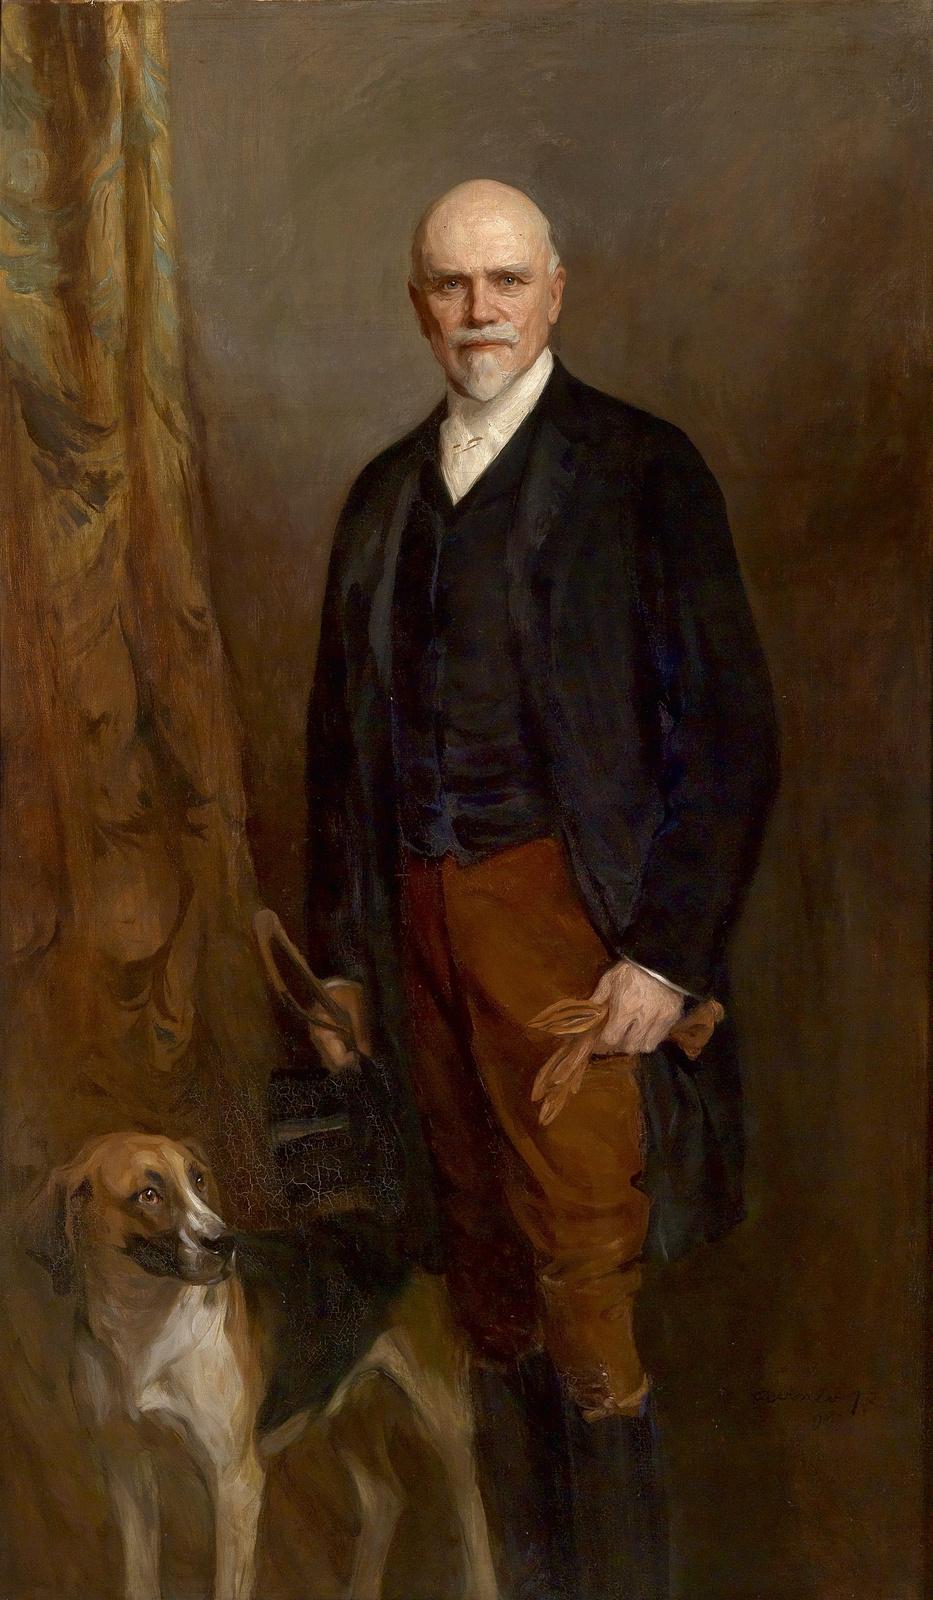 Филип Аликсис Де Ласло. Portrait of Heinrich Larish-Moenich. 1905